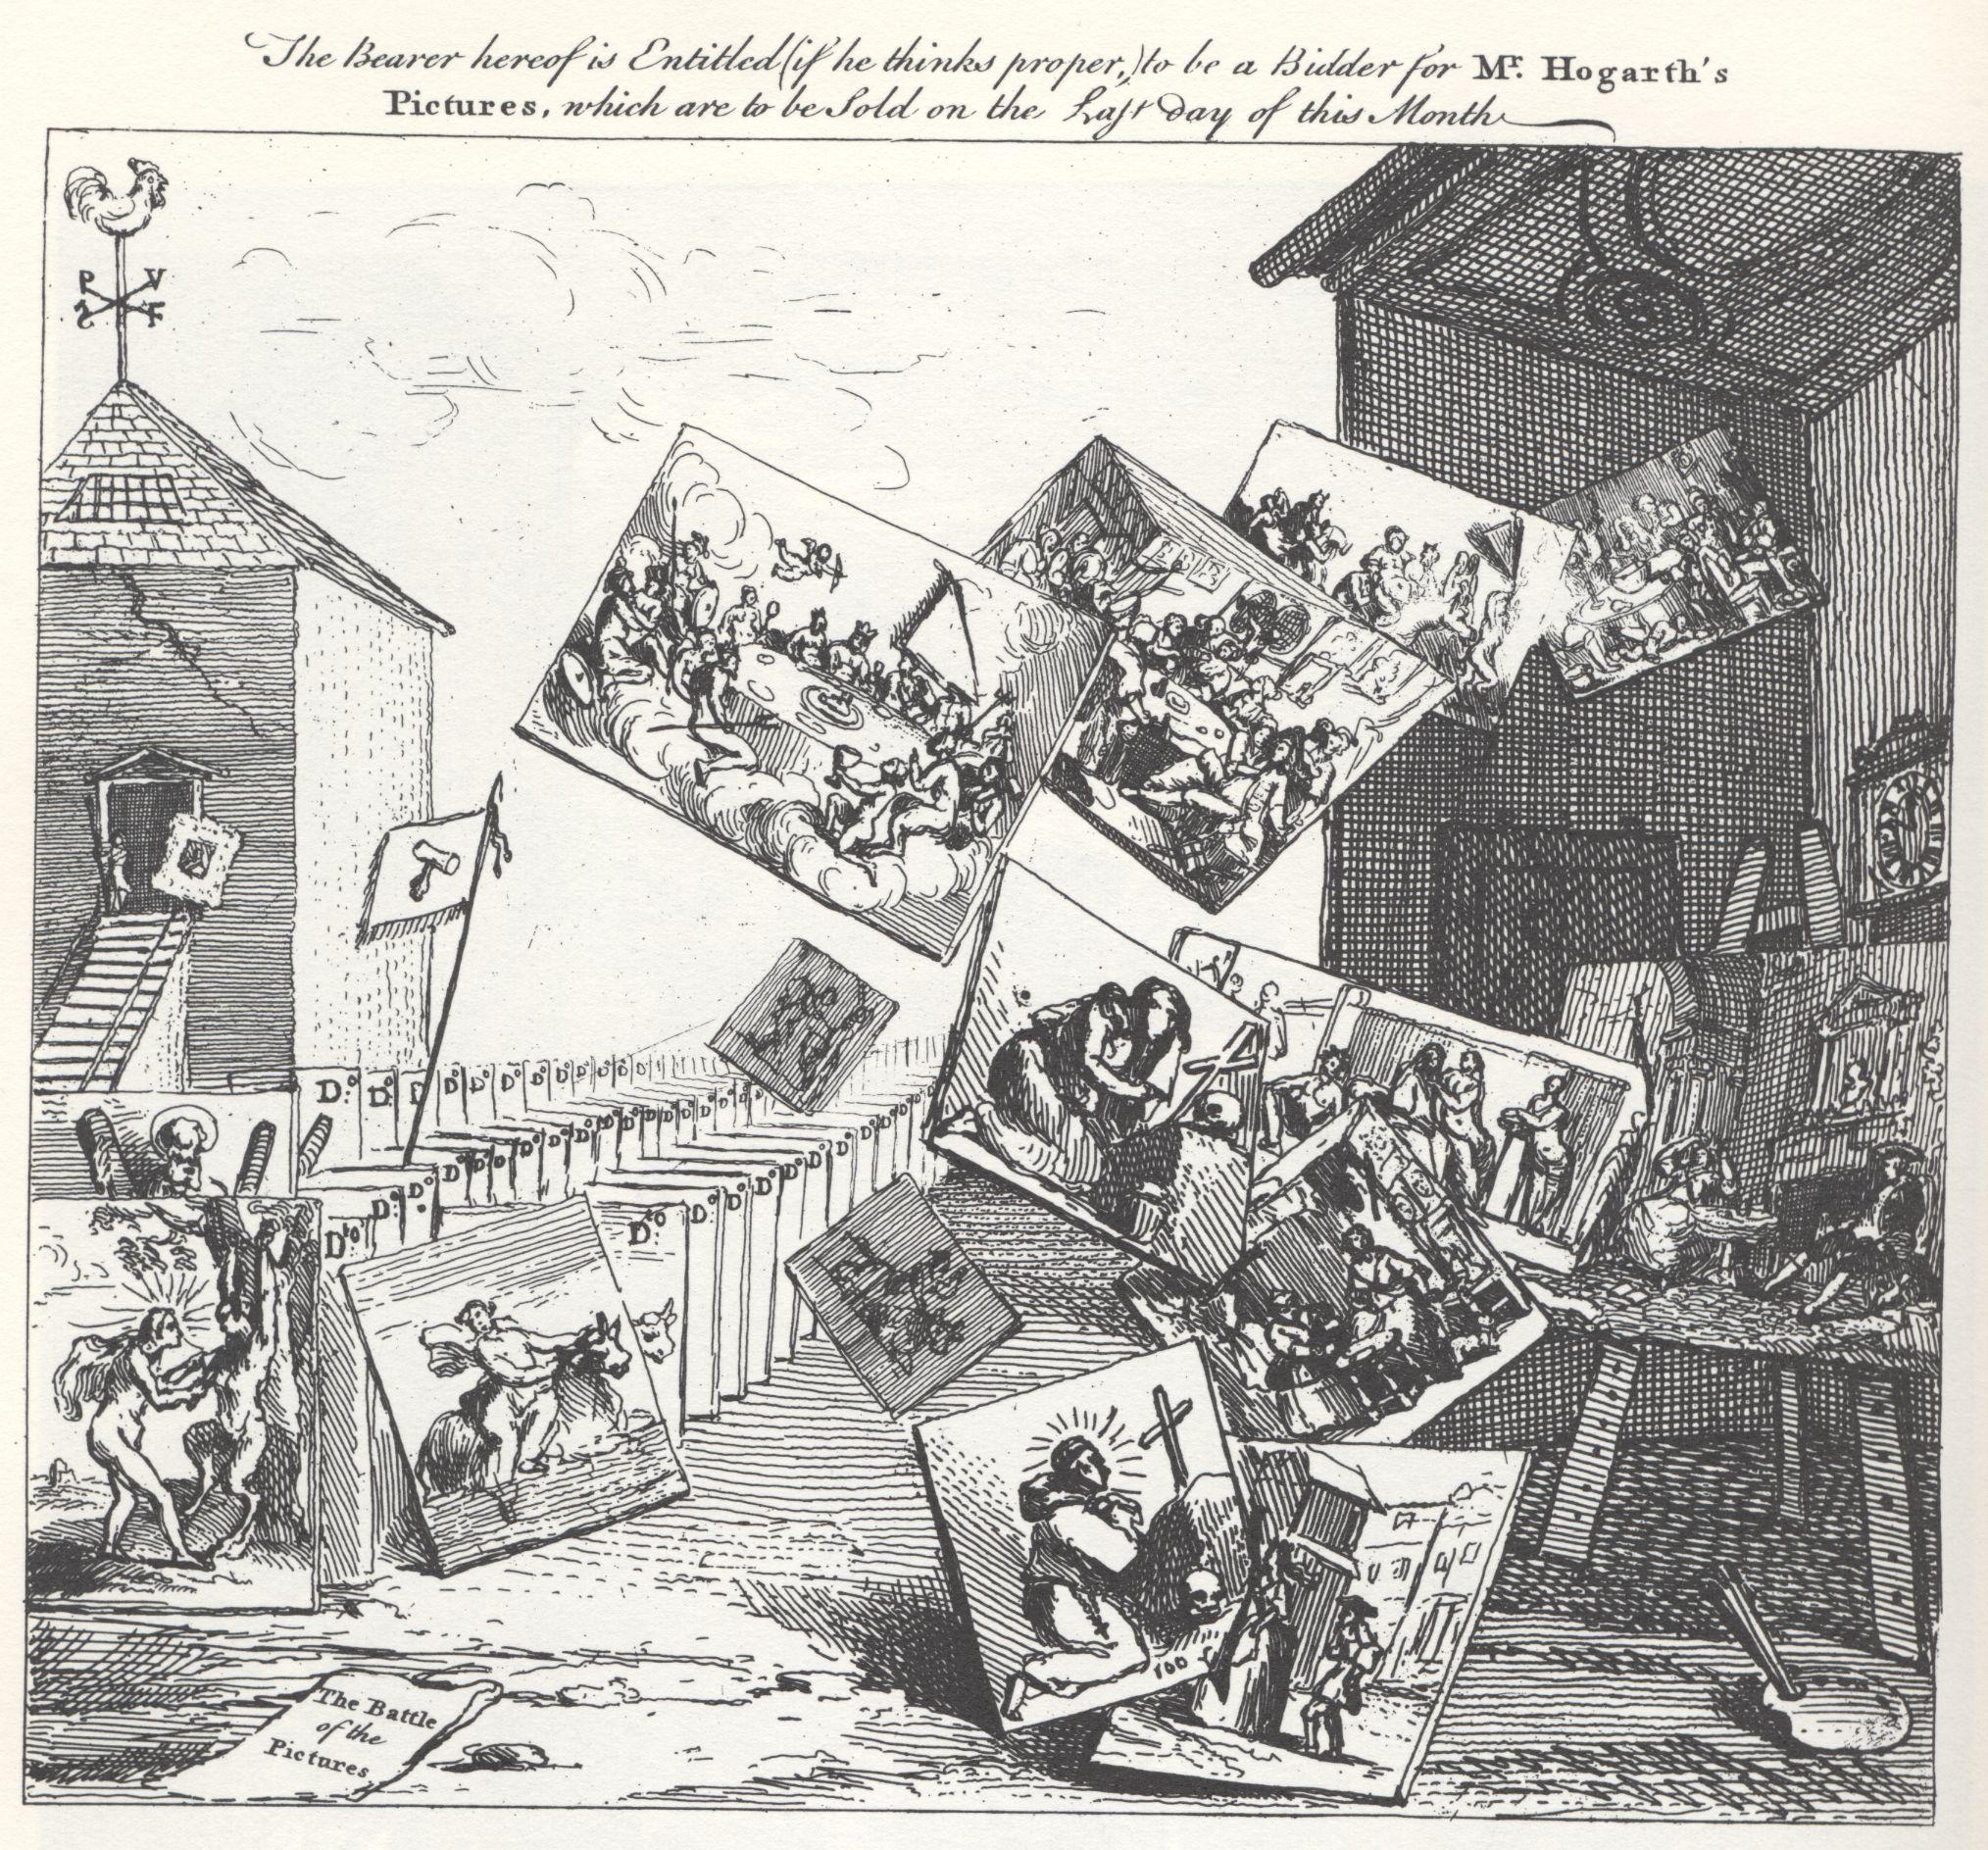 Уильям Хогарт. Битва картин. 1743